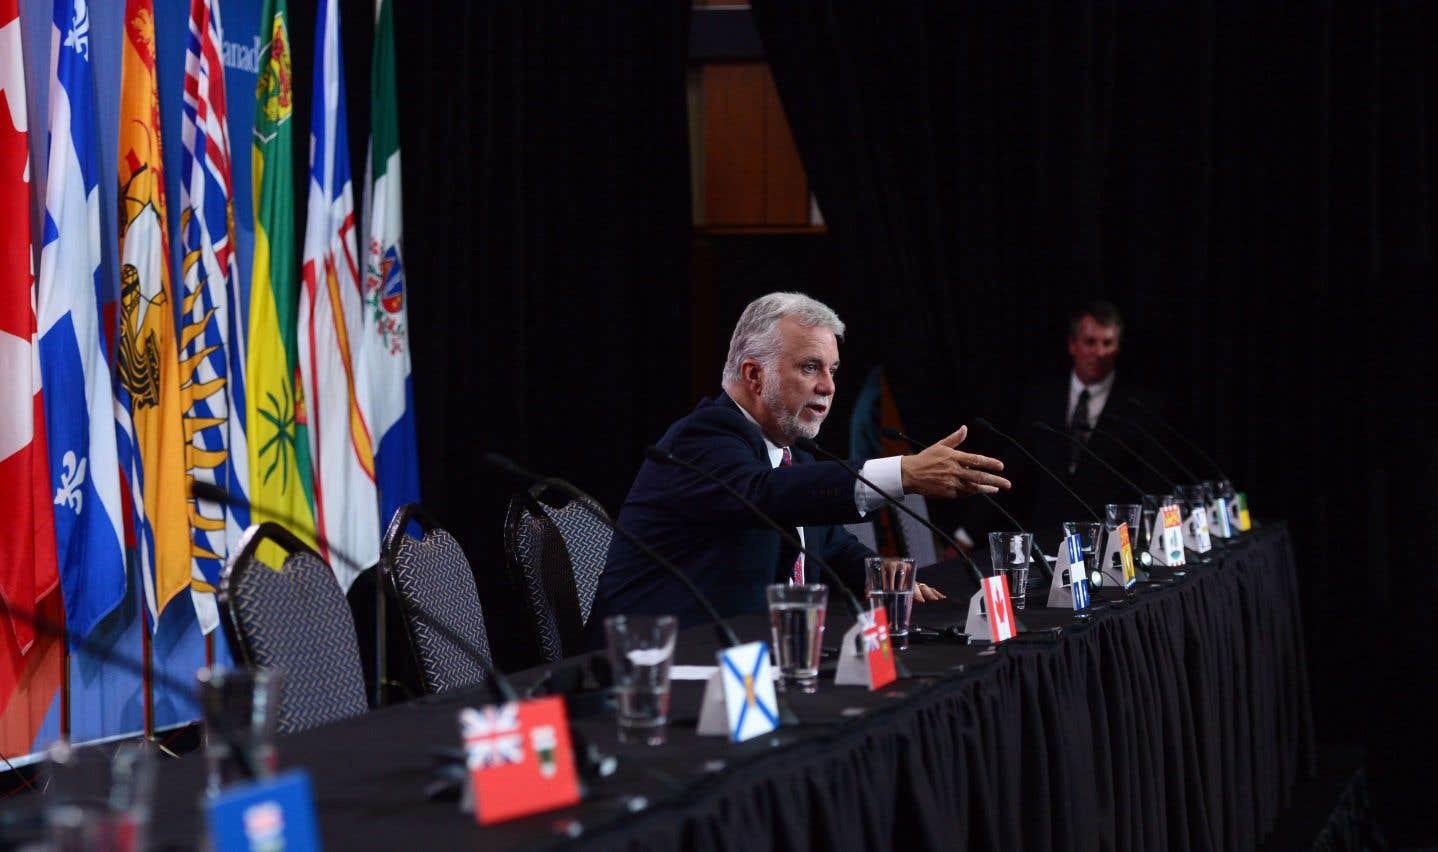 La conférence Confederation of Tomorrow 2.0. rassemblera plusieurs politiciens et intellectuels issus des milieux tant universitaires que de la société civile, dont le premier ministre du Québec, Philippe Couillard.